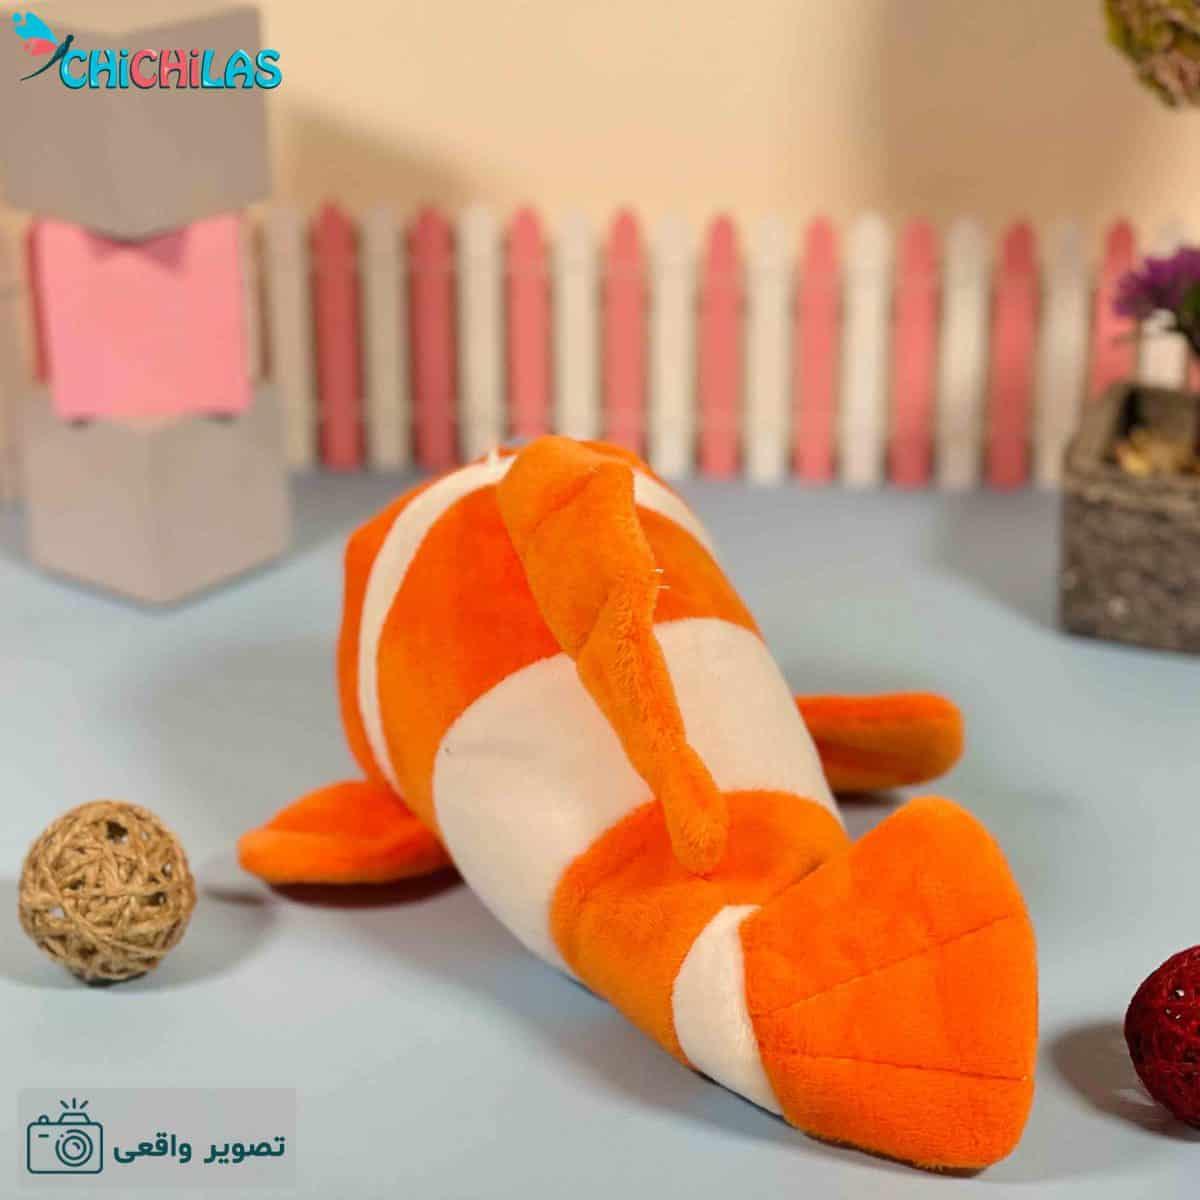 عروسک ماهی نمو - عروسک ماهی نارنجی